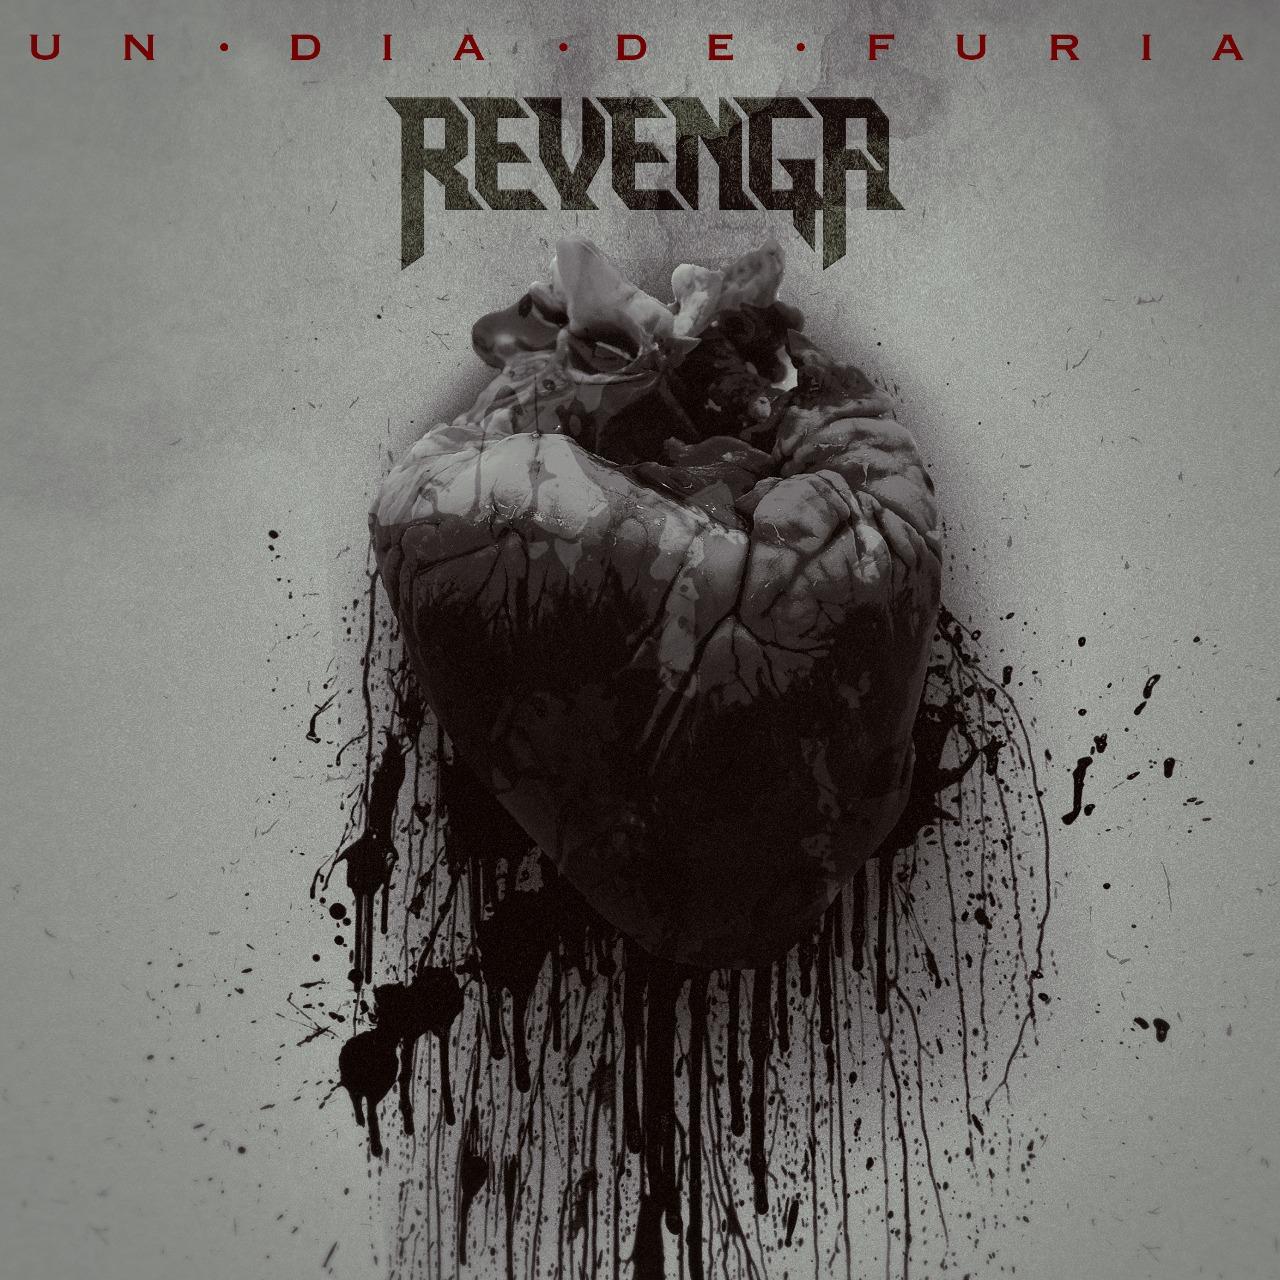 Revenga – Un Día de Furia (2019)